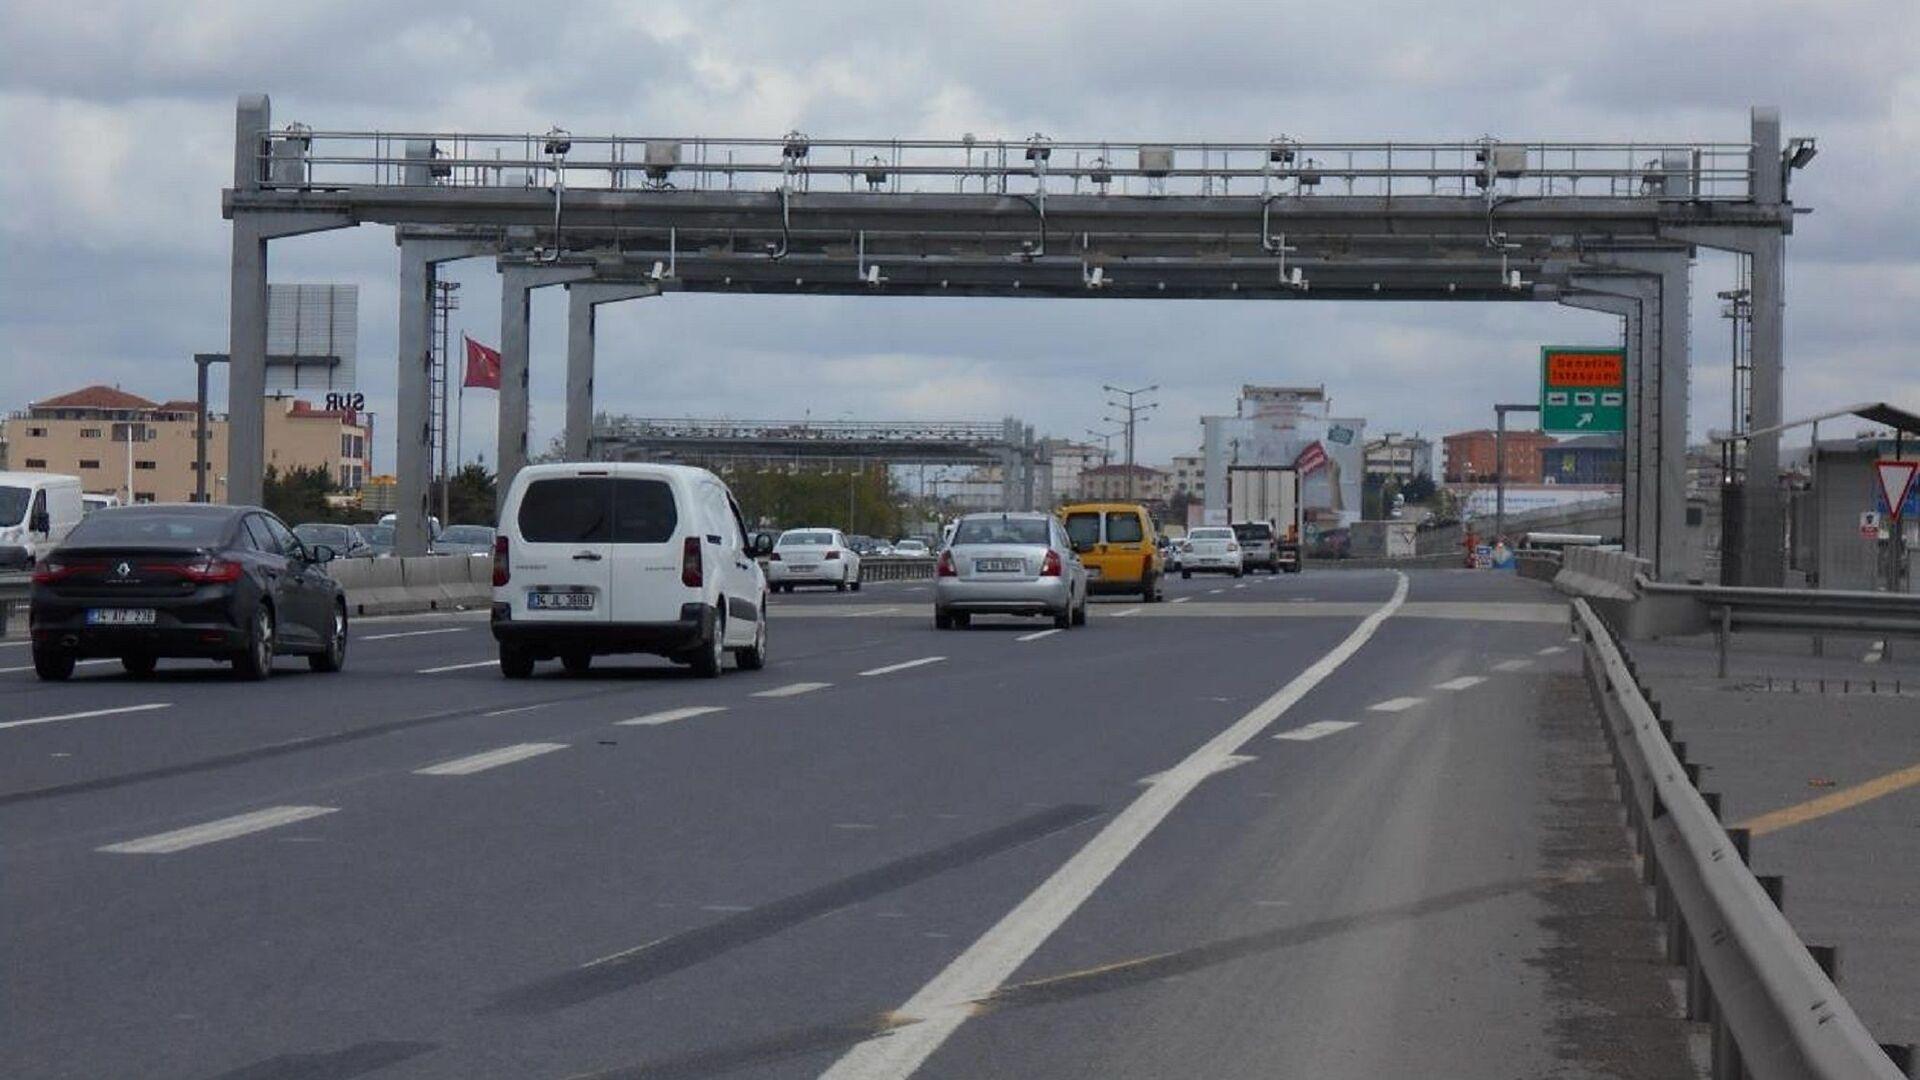 Hızlı Geçiş Sistemi (HGS) ve Otomatik Geçiş Sistemi (OGS) - araba - yol - Sputnik Türkiye, 1920, 10.03.2021